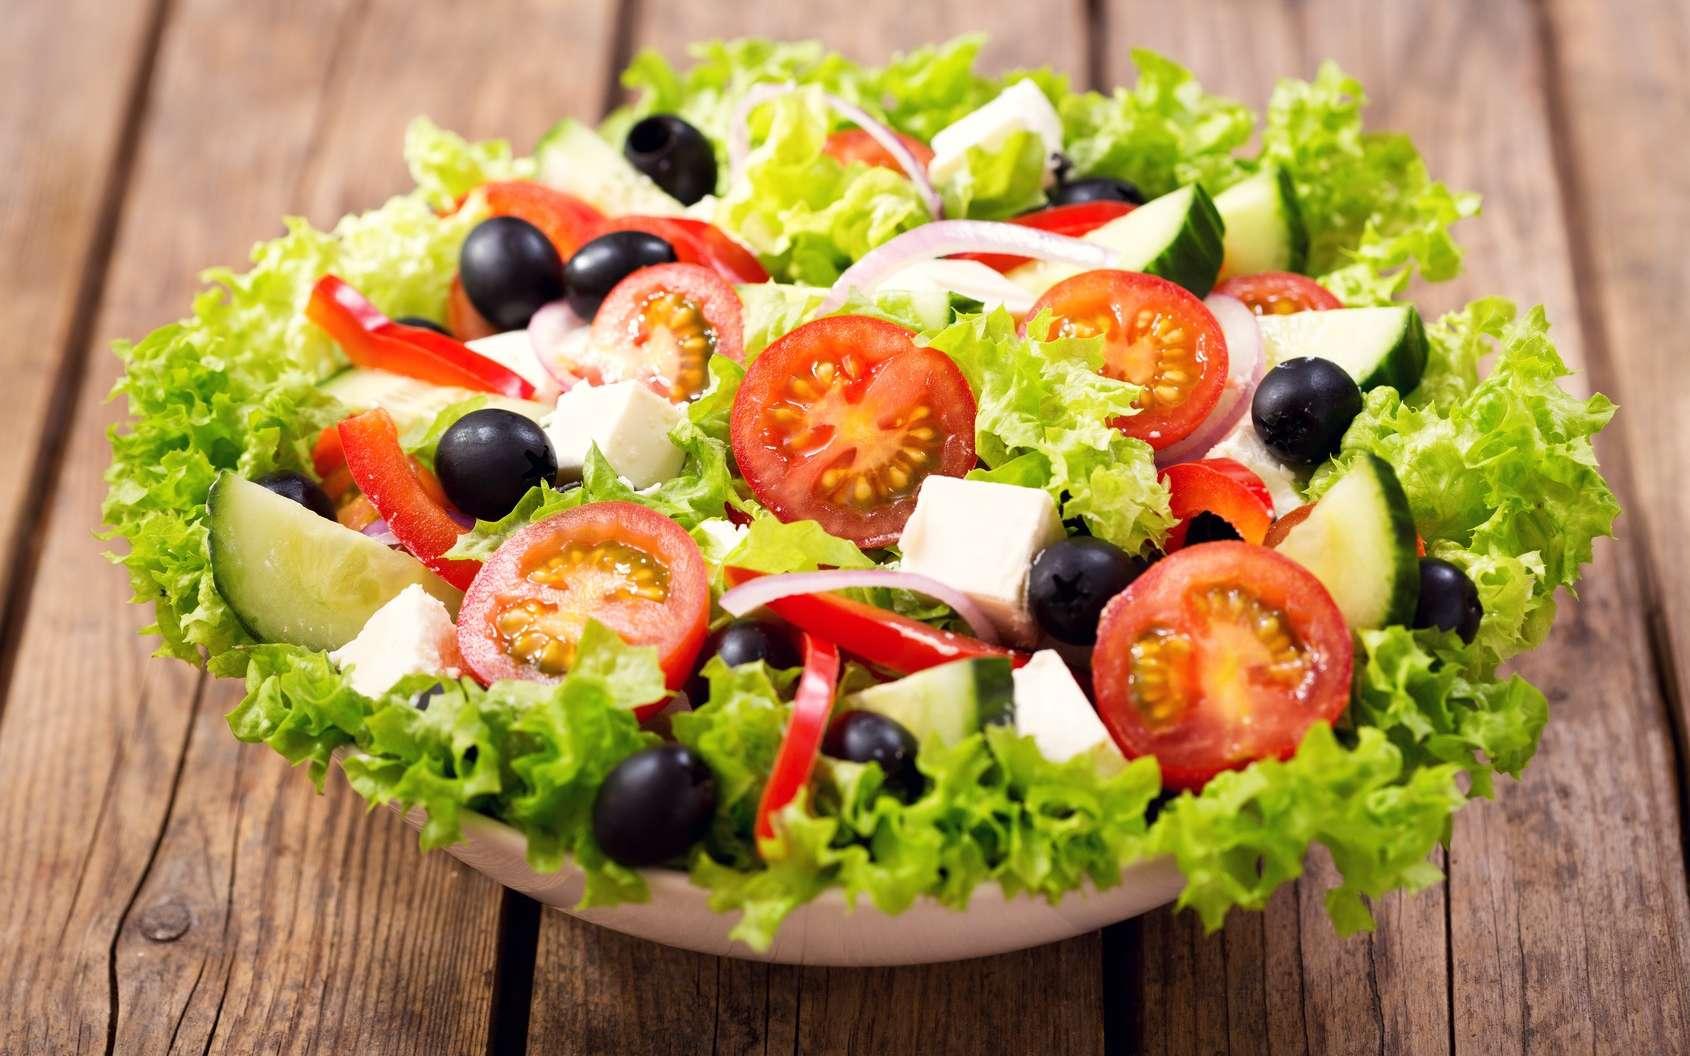 De manière générale, l'alimentation méditerranéenne, riche en fruits et légumes, est bonne pour la santé du cerveau. © Nitr, Fotolia